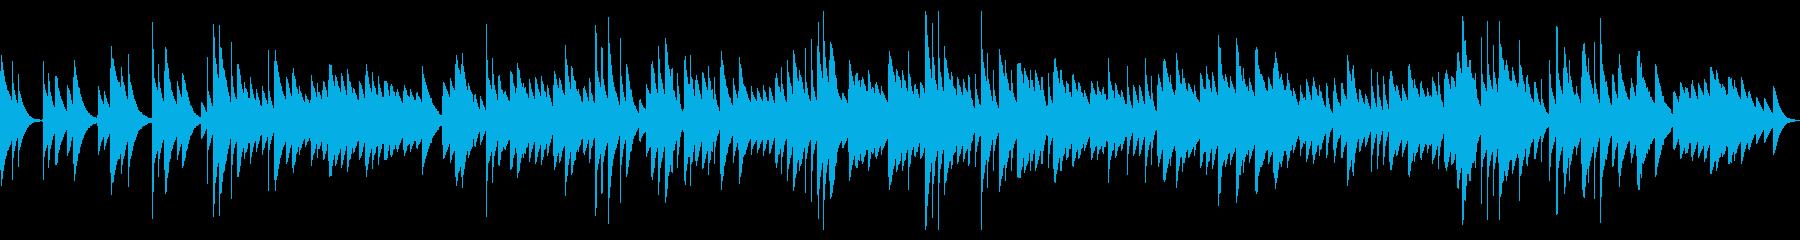 思い出のオルゴール〜優しく懐かしい曲の再生済みの波形